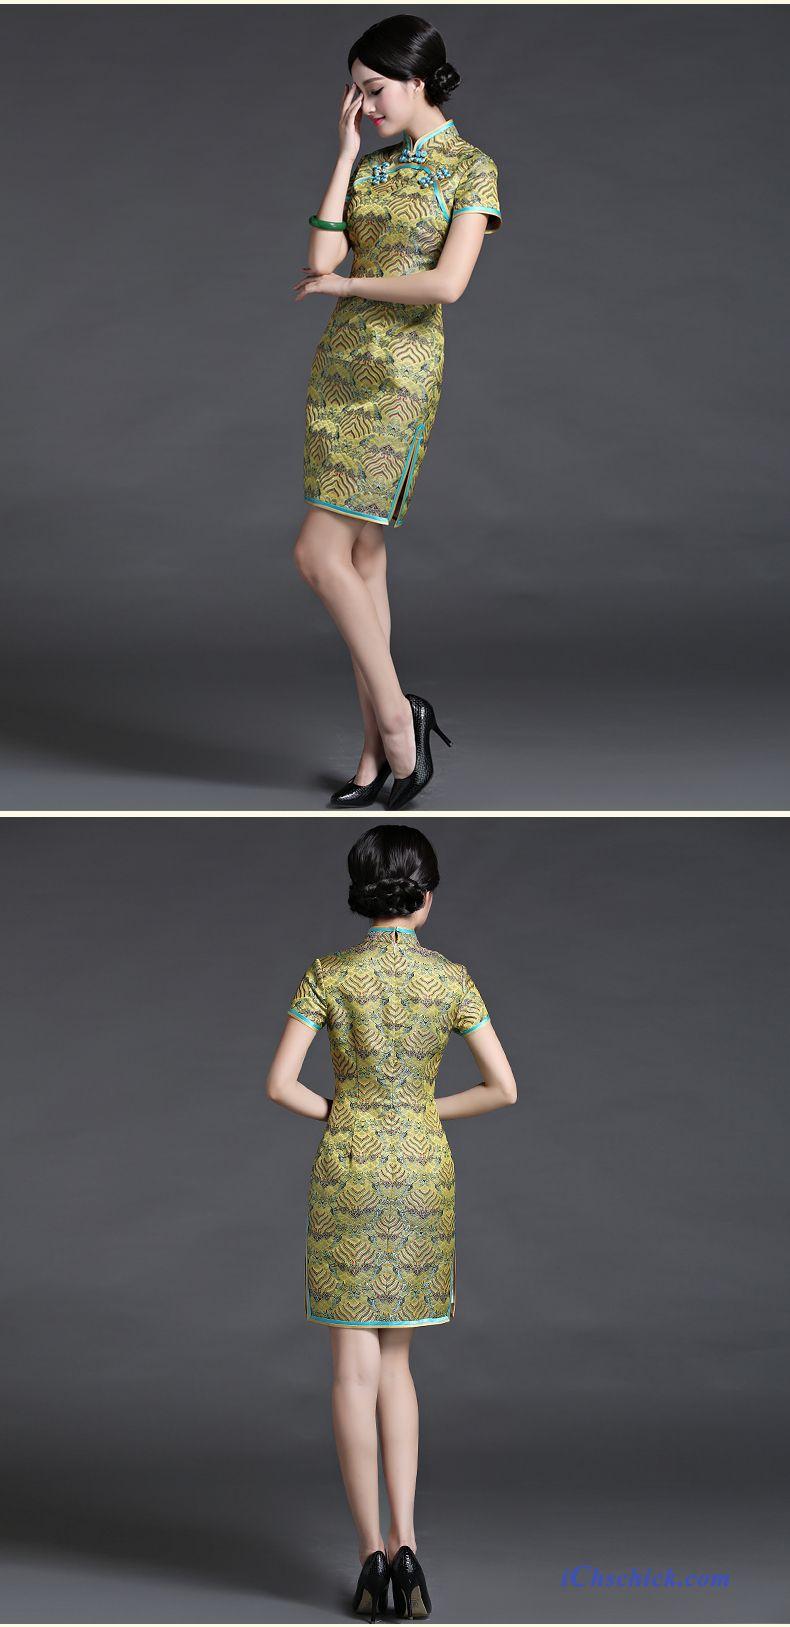 Modeskleider Online Kaufen, Schwarzes Kleid Damen